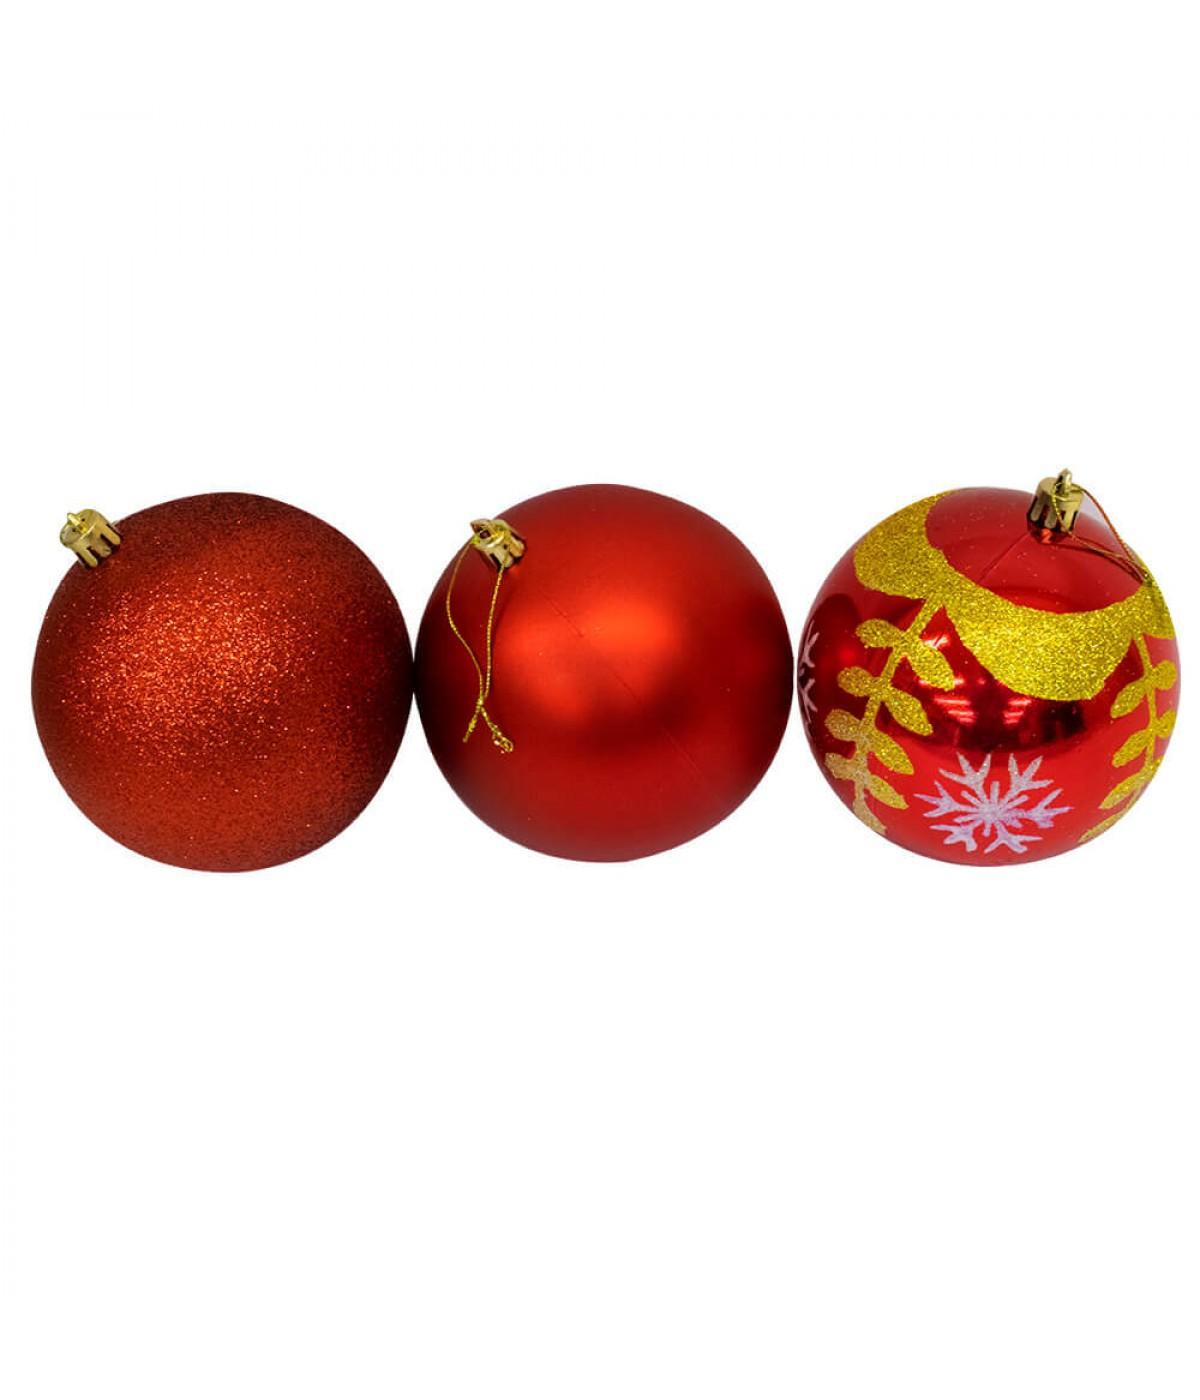 Jogo Com 6 Bolas Natalinas Vermelhas 10cm - Enfeite Natalino